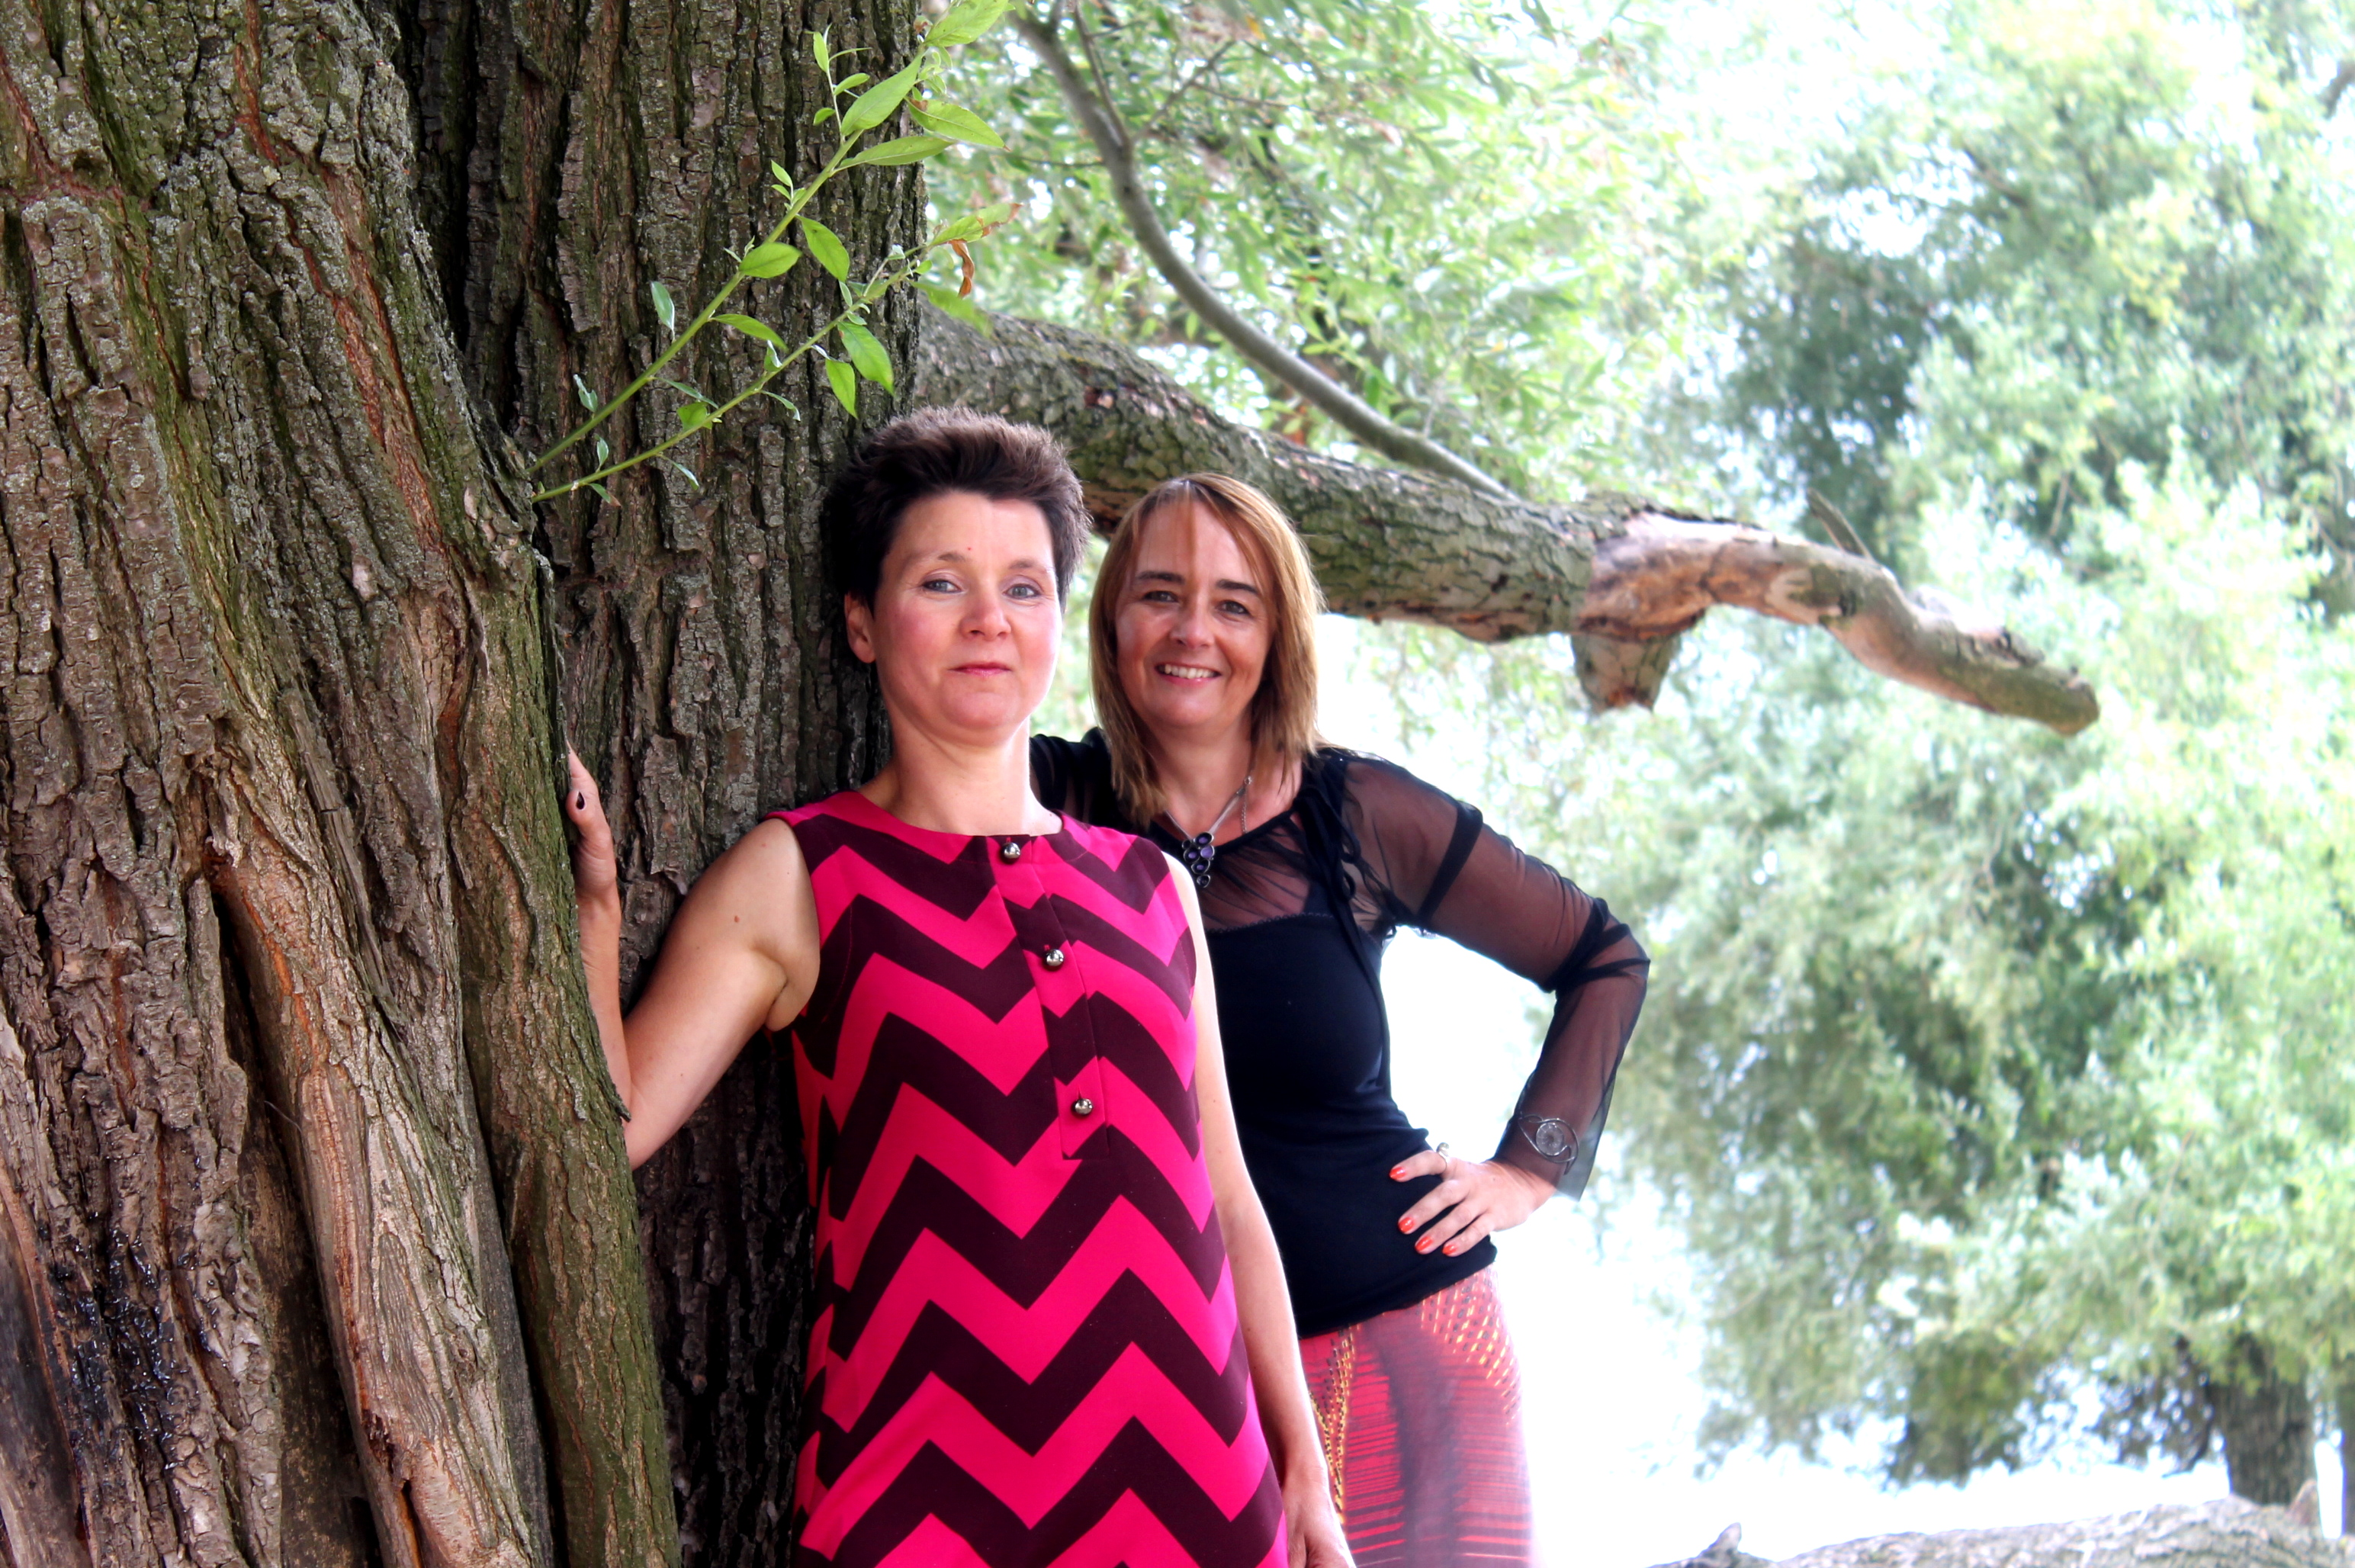 De begeerde vrouw - Suzanne en Mandy